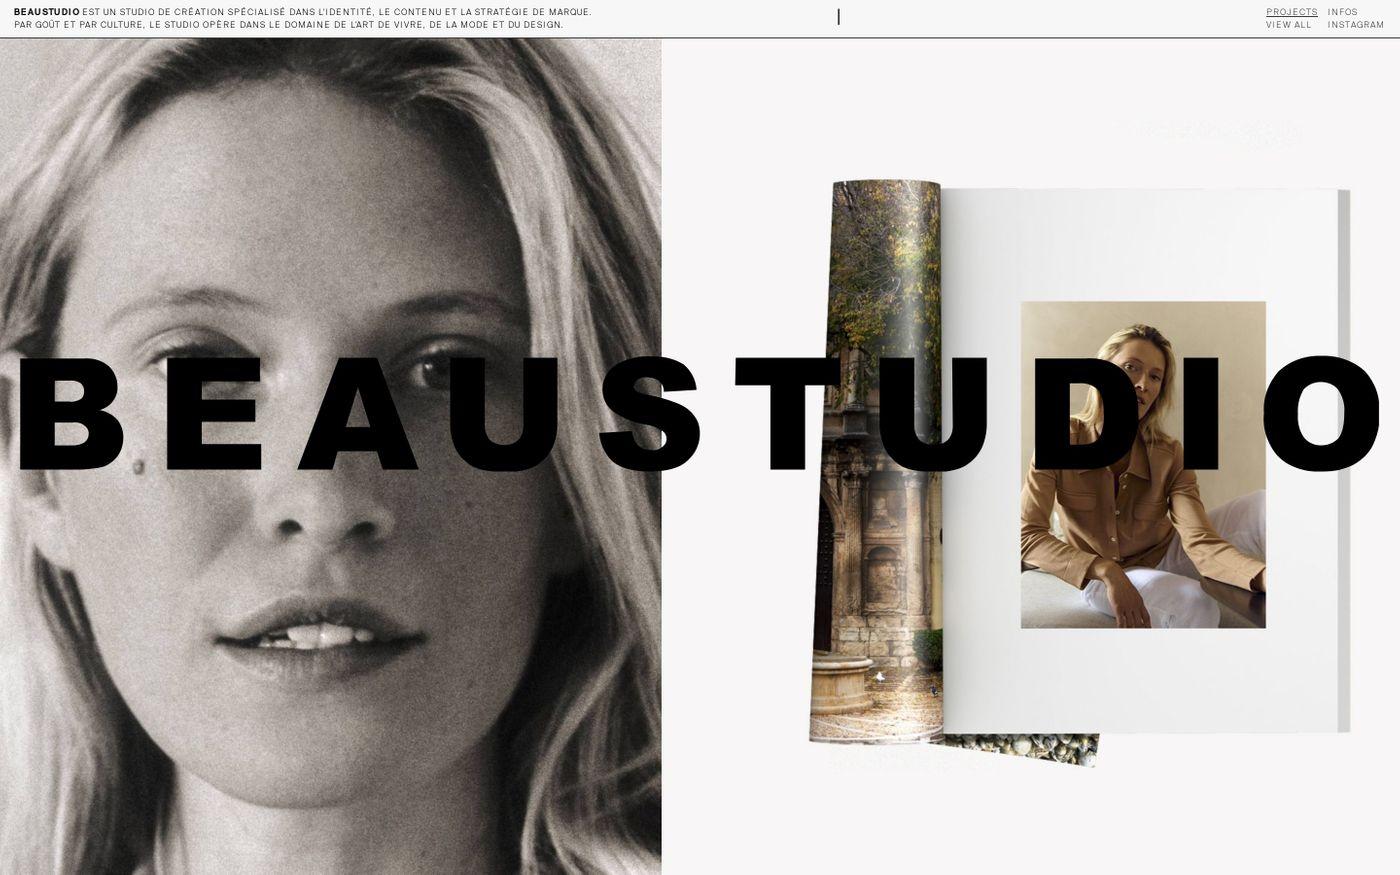 Screenshot of Beaustudio website